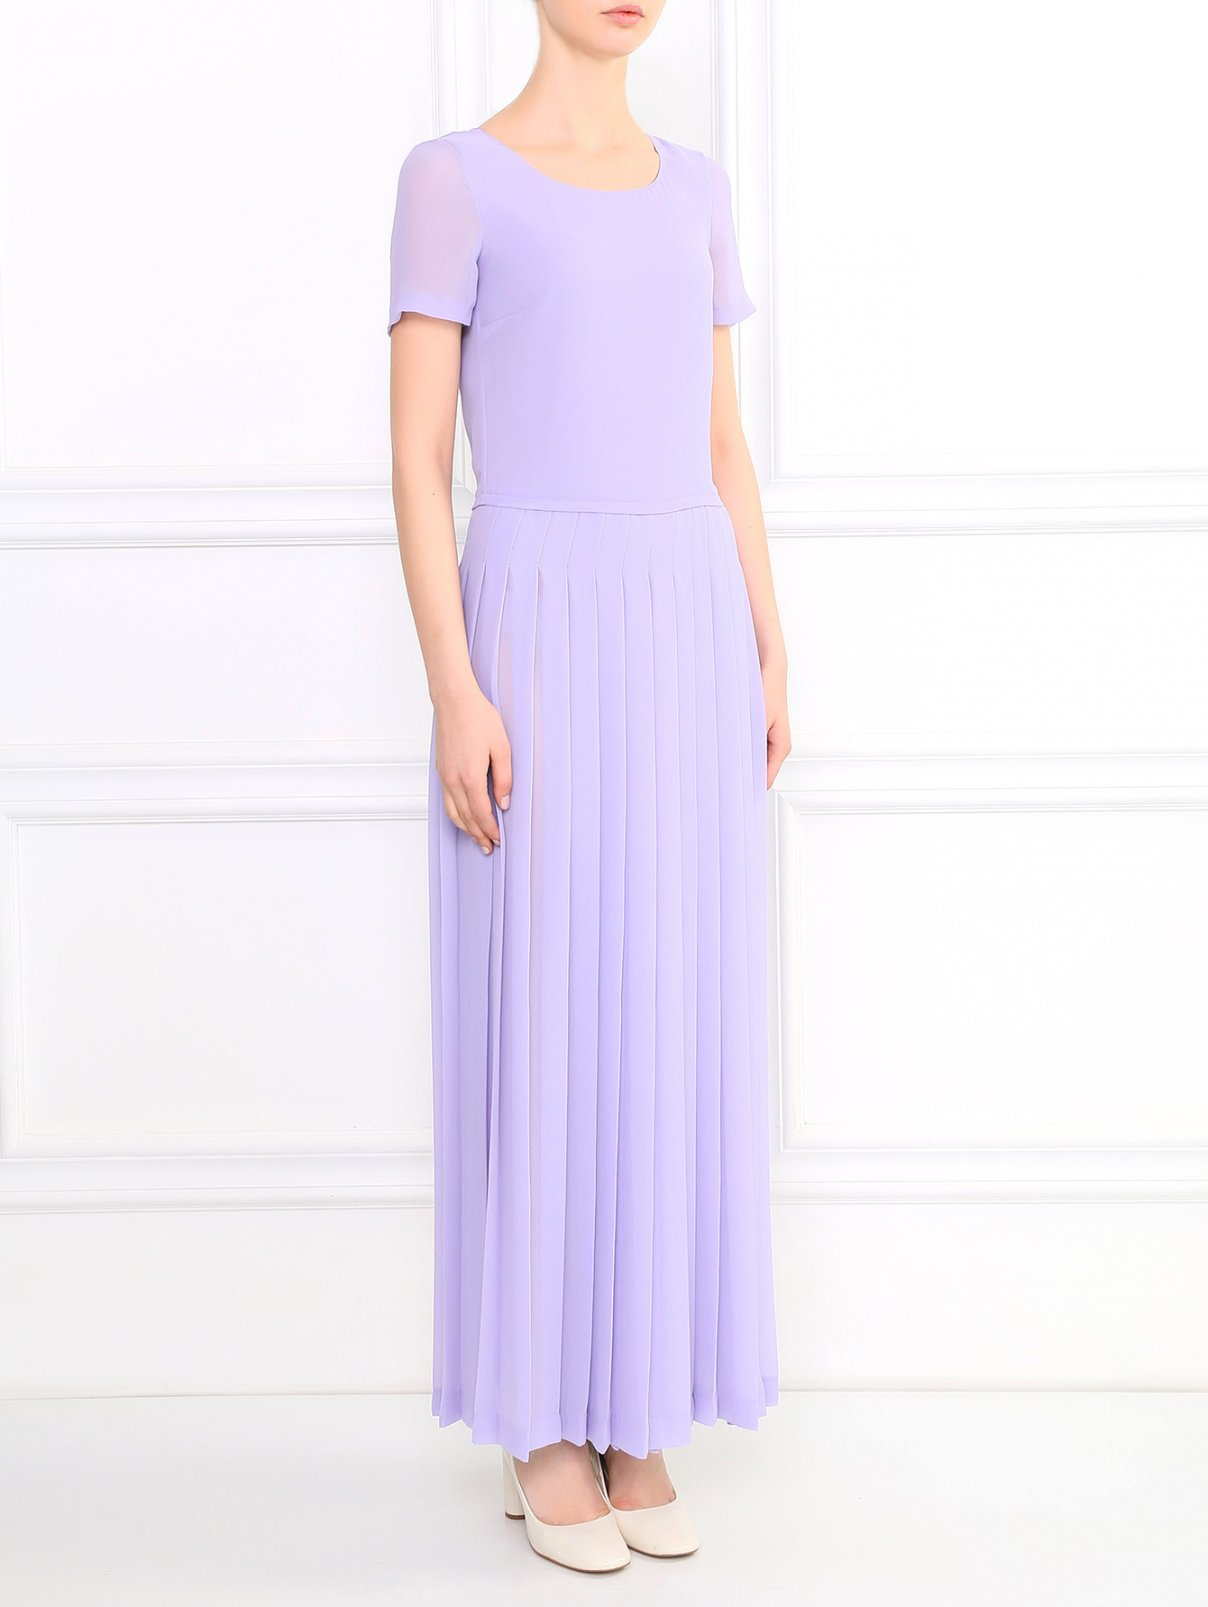 Платье-макси Moschino Love  –  Модель Общий вид  – Цвет:  Фиолетовый